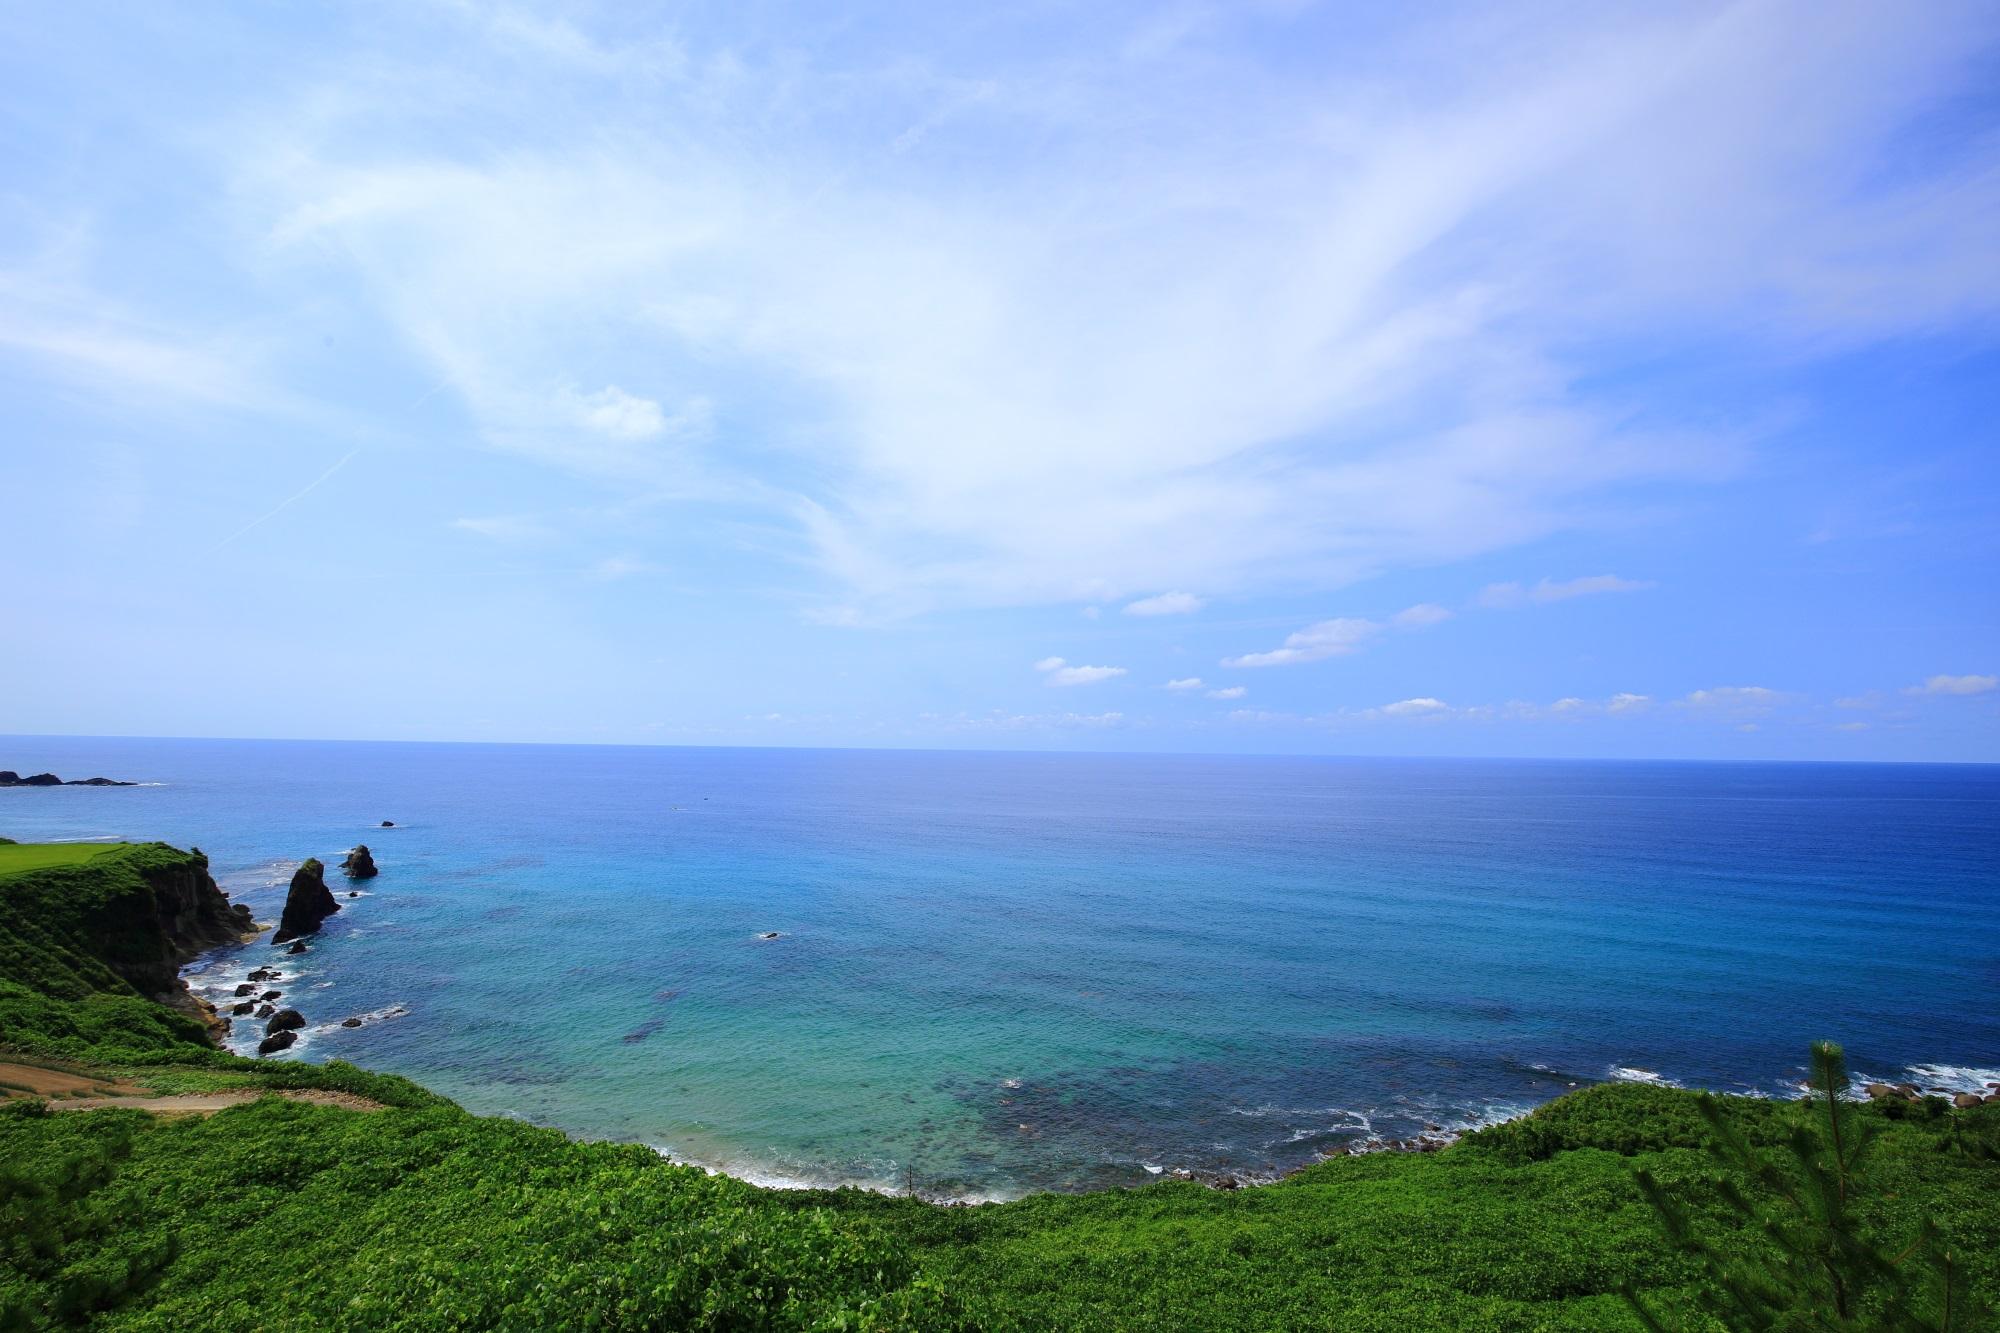 京丹後のどこまでも続いていきそうな遮るものがない海